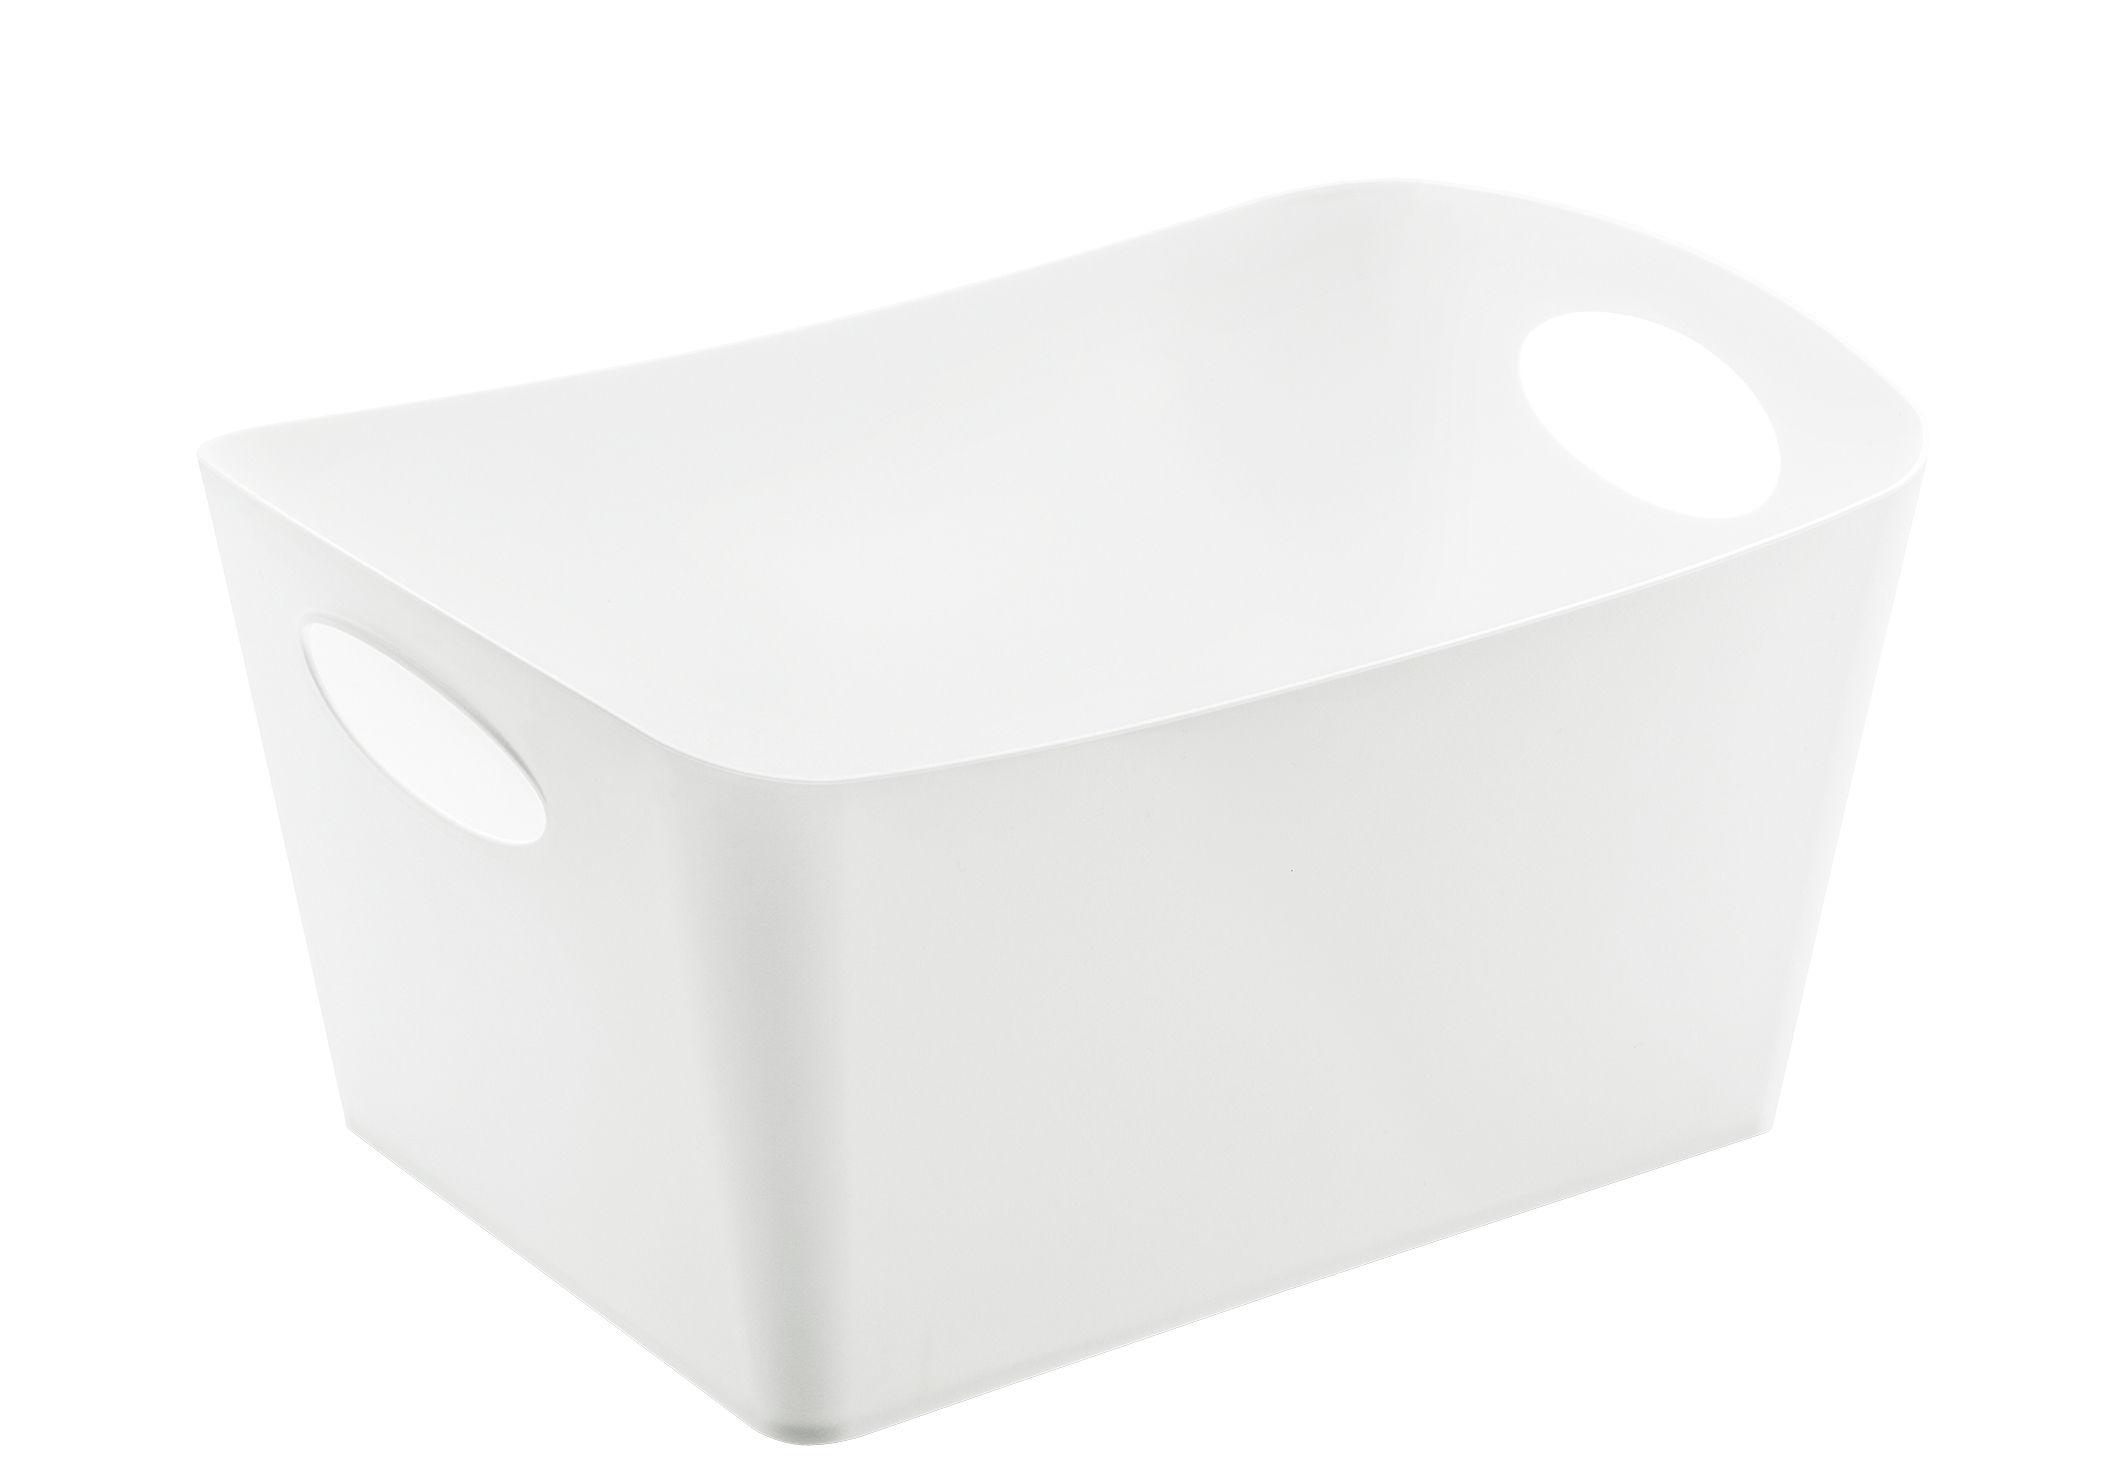 Decoration - Boxes & Baskets - Boxxx M Basket - 3,5 L by Koziol - Solid white - Plastic material